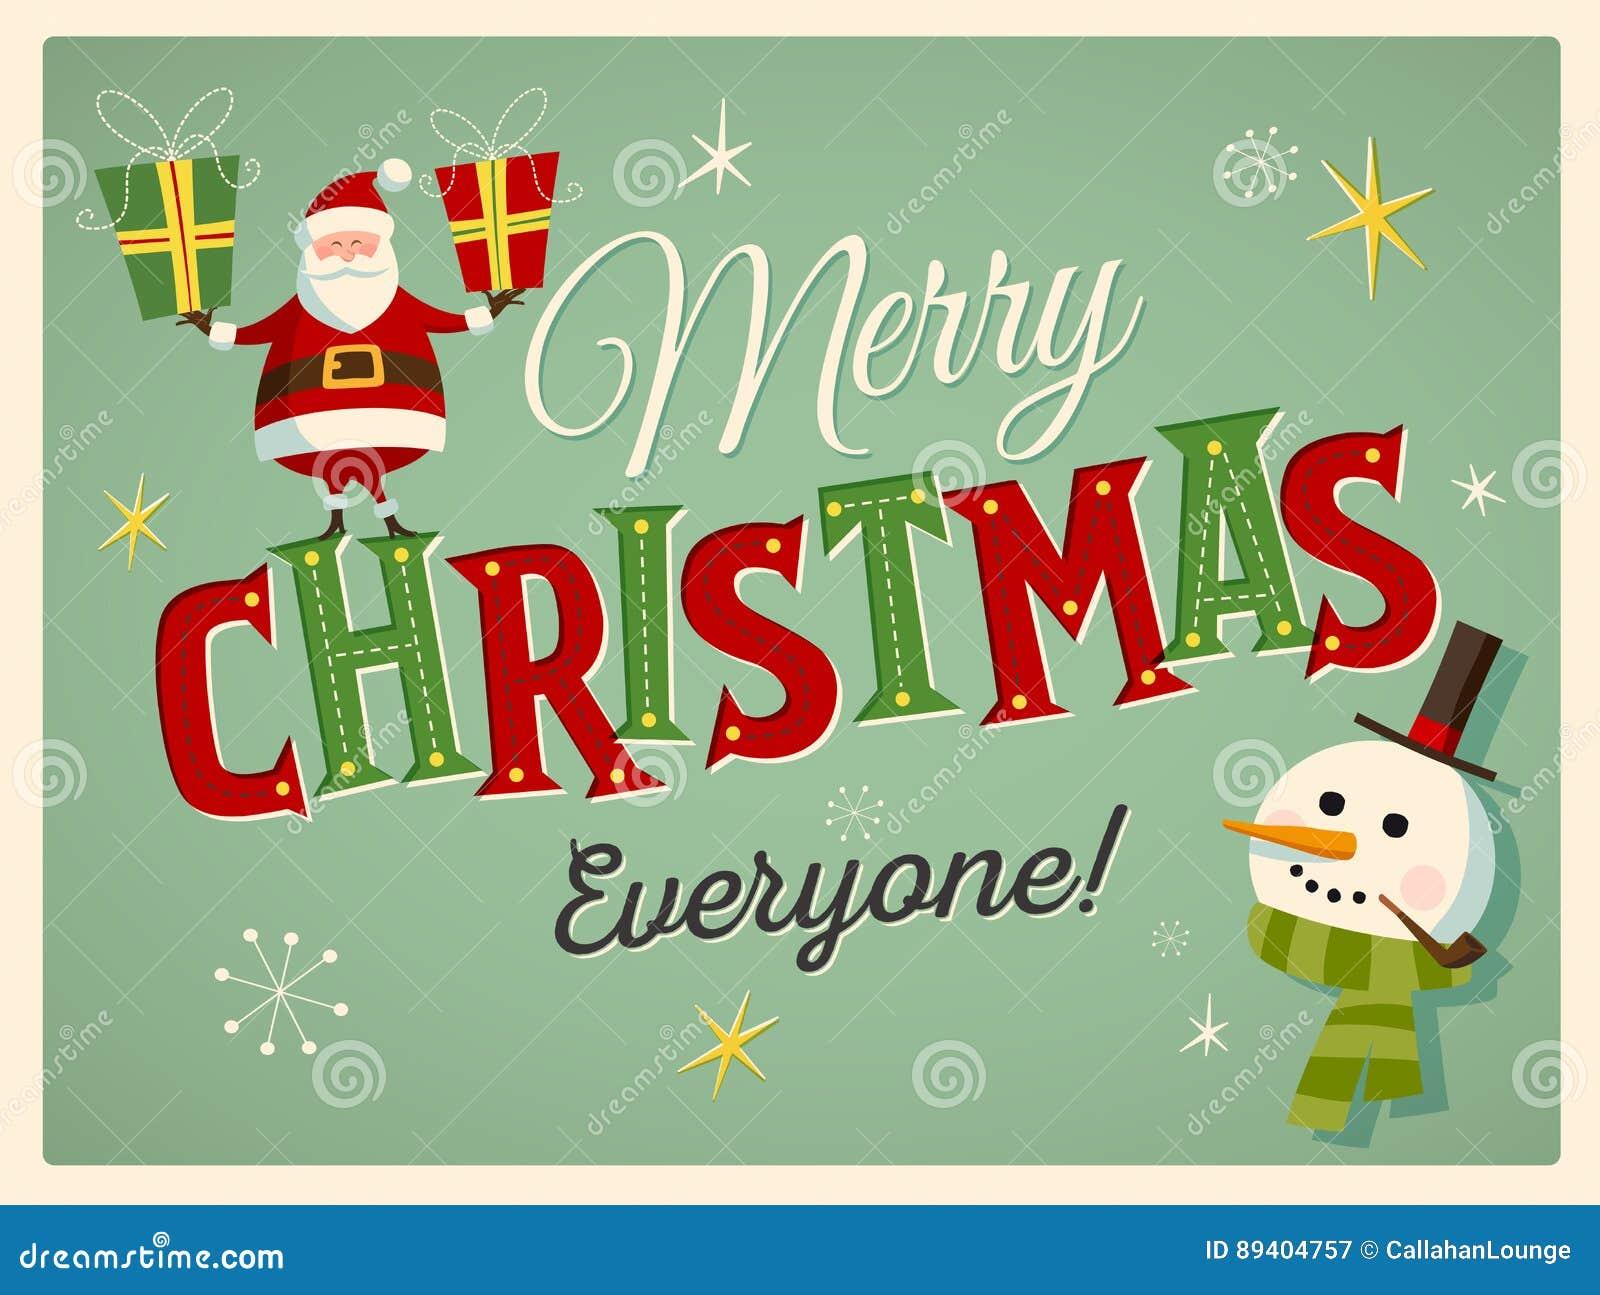 Cartão de Natal do estilo do vintage com Santa Claus e um boneco de neve